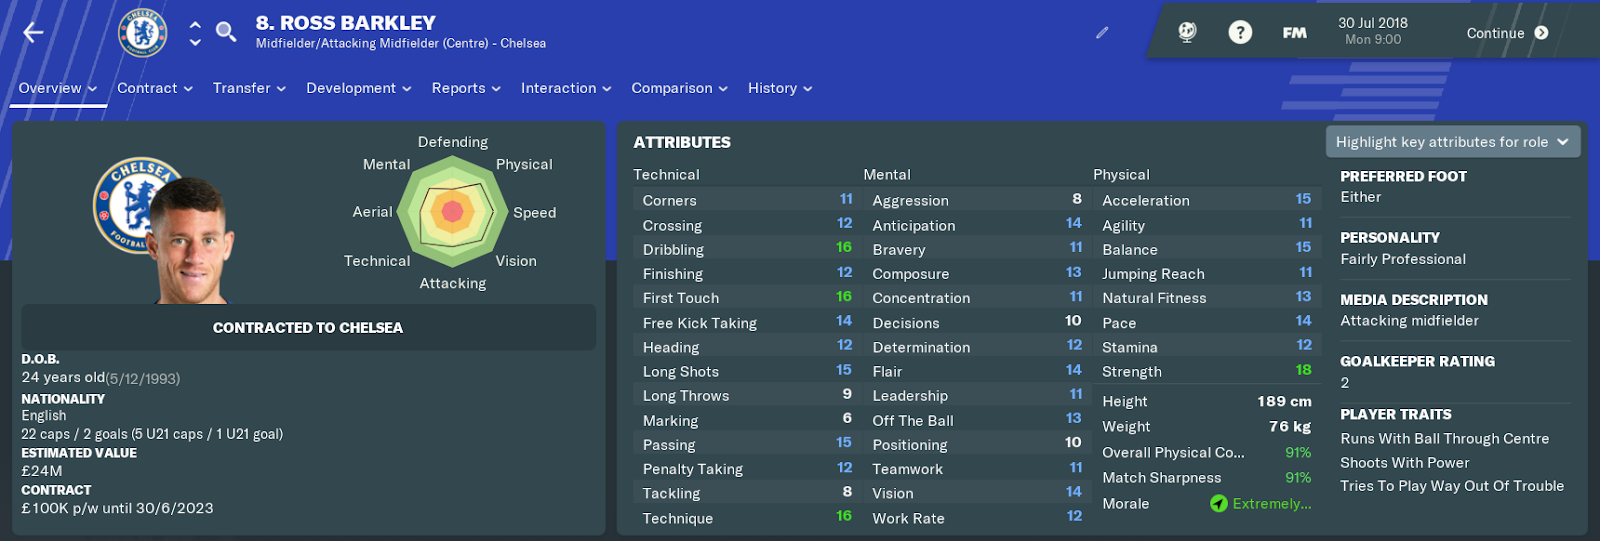 FM19 - Chelsea FC Ross Barkley